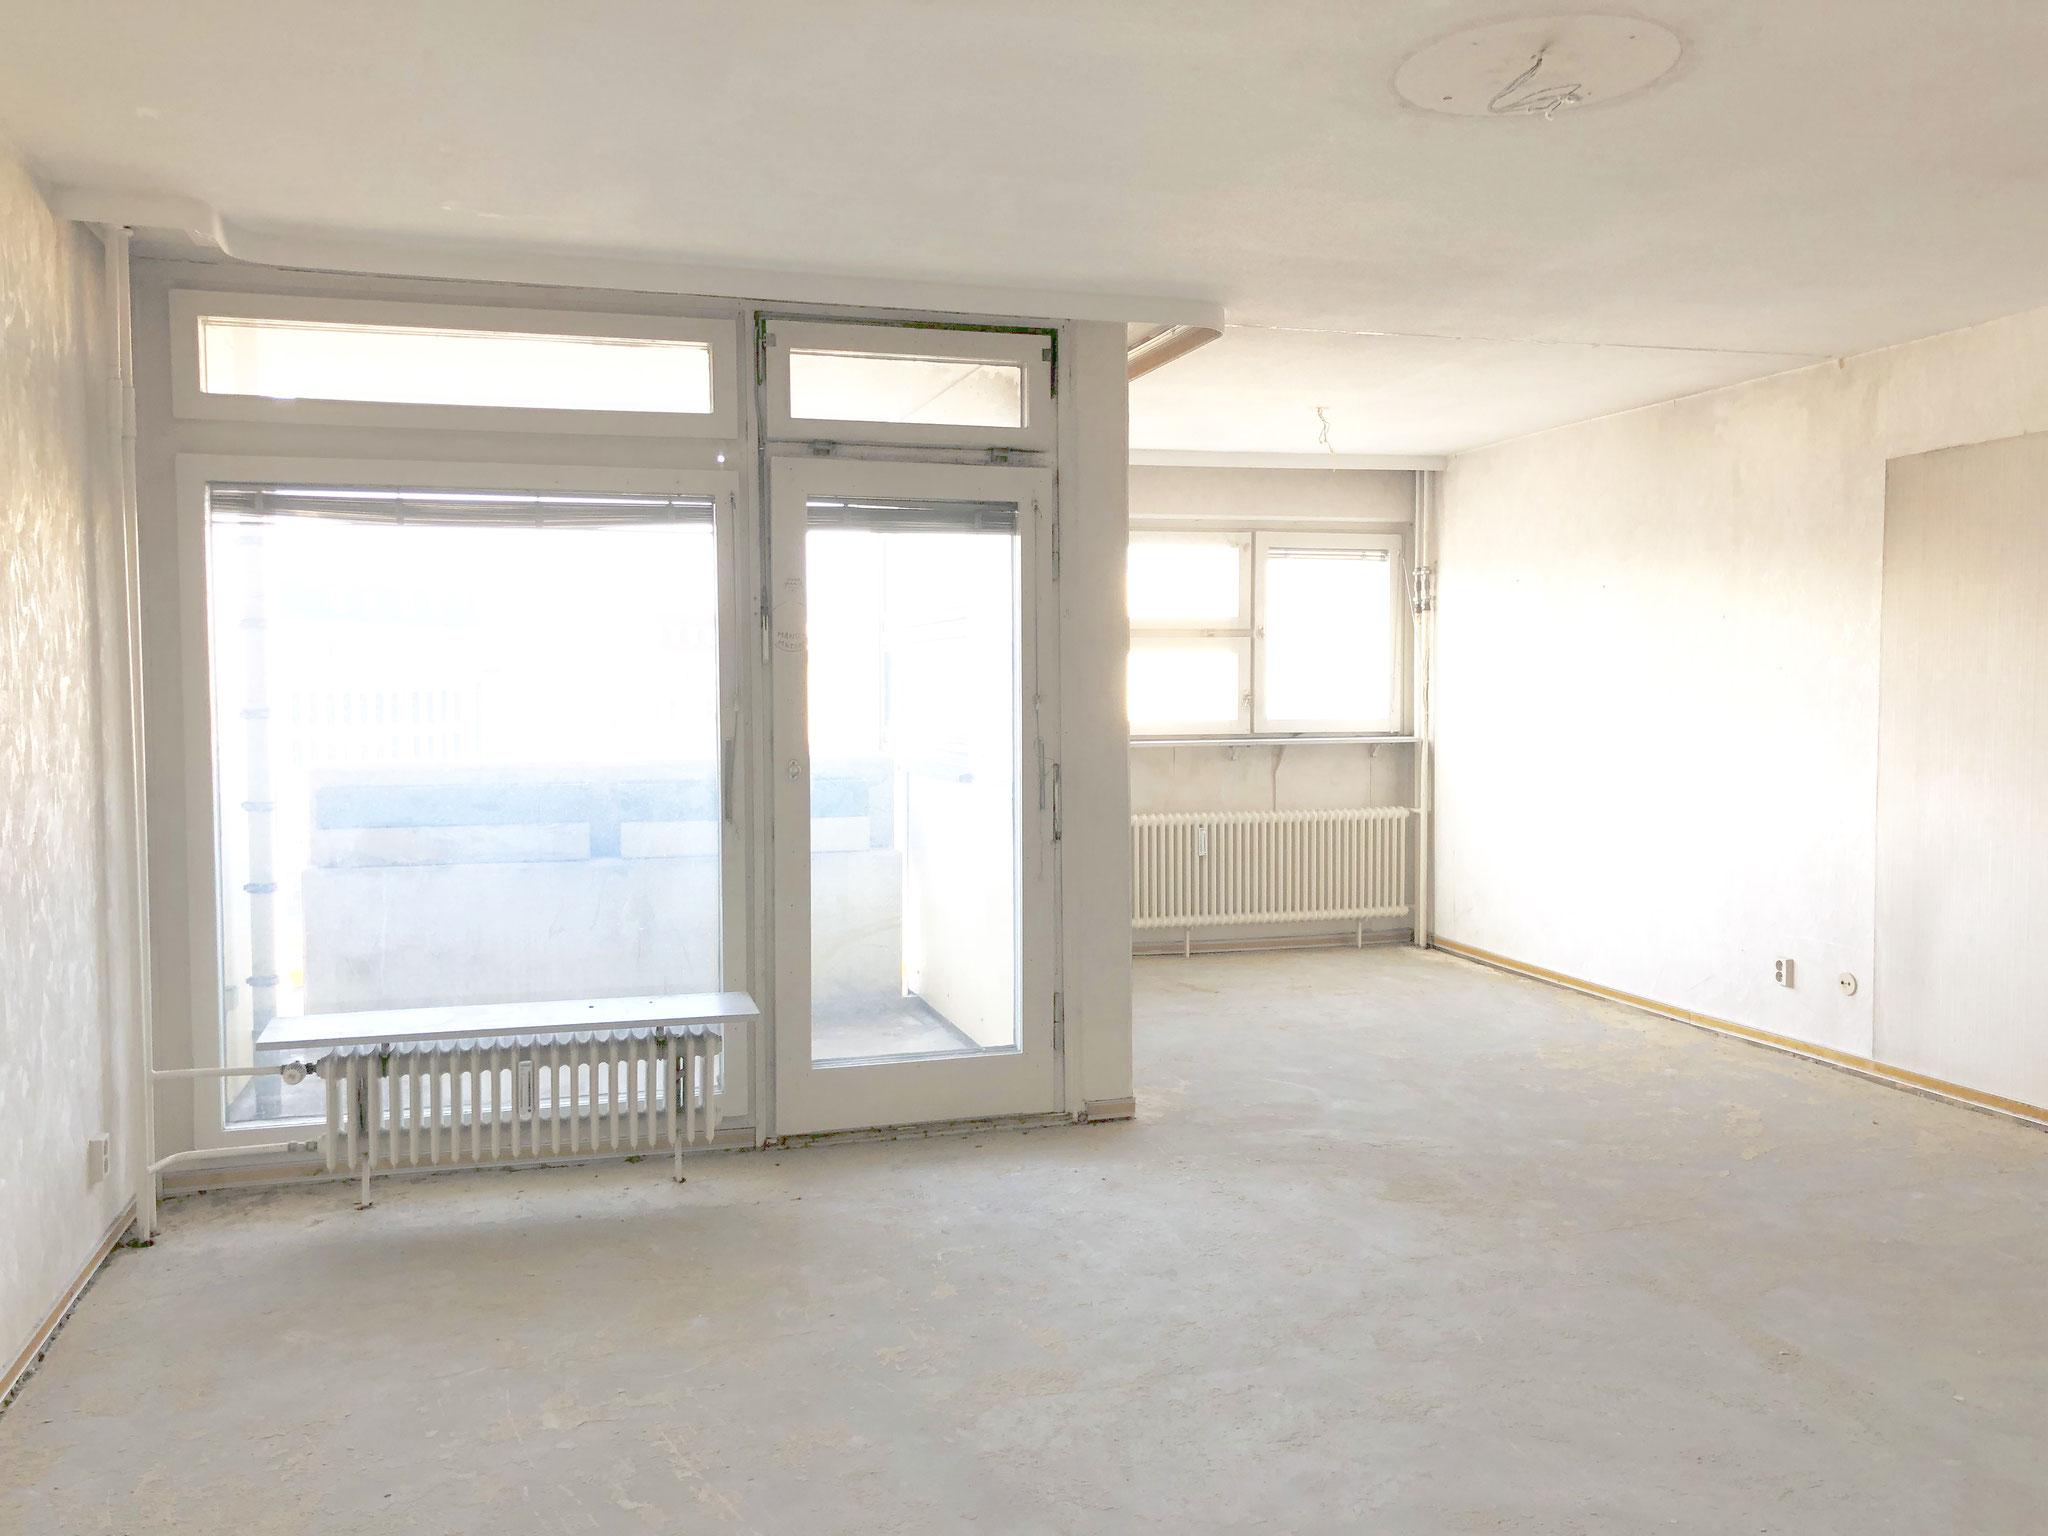 Helle und geräumige 1-Zimmer-Wohnung in zentraler Lage Berlin Charlottenburg